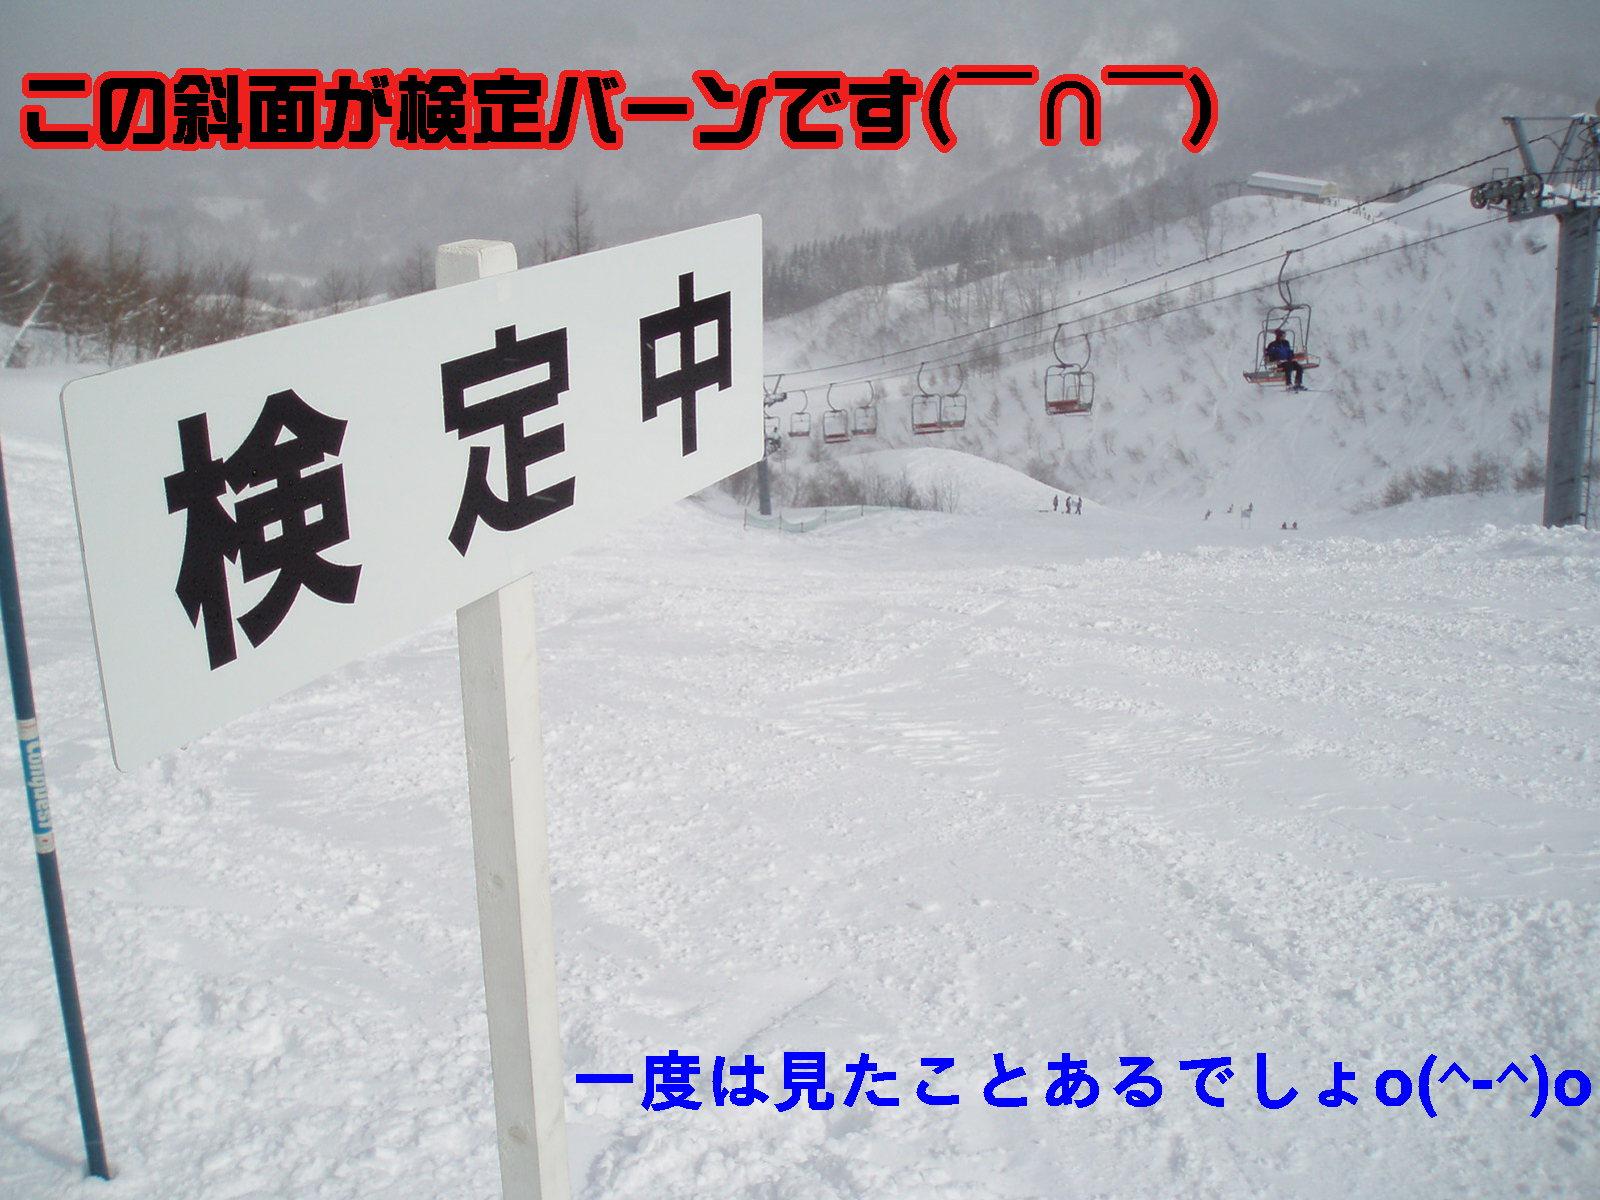 スノーボードバッヂテスト終了☆★_f0118218_19412510.jpg